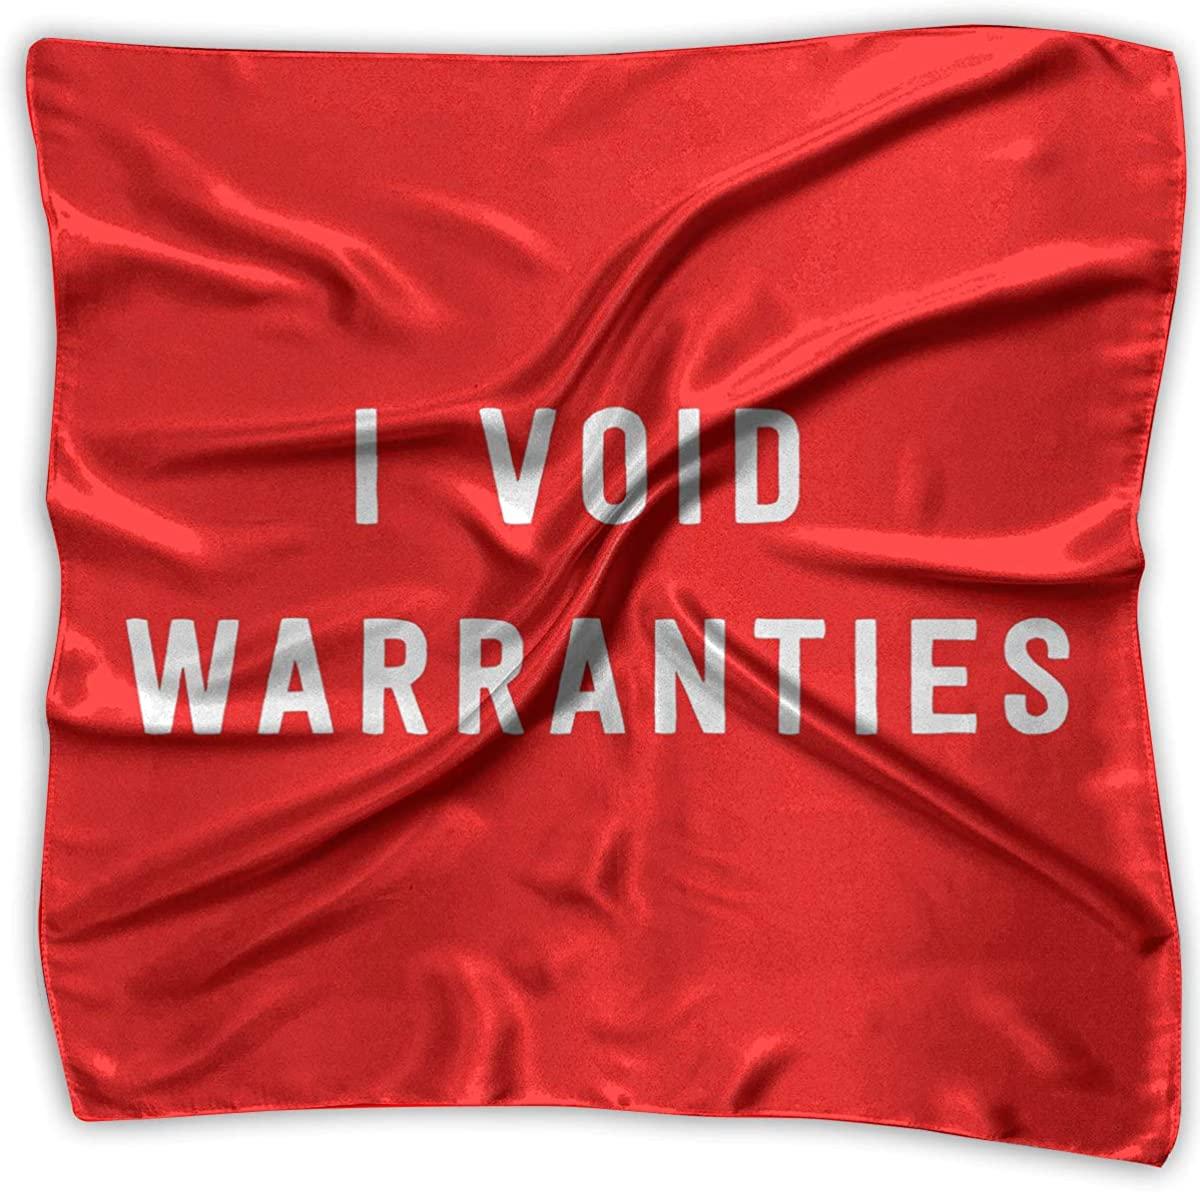 I Void Warranties Women's Handkerchief Square Silk Party Handkerchiefs